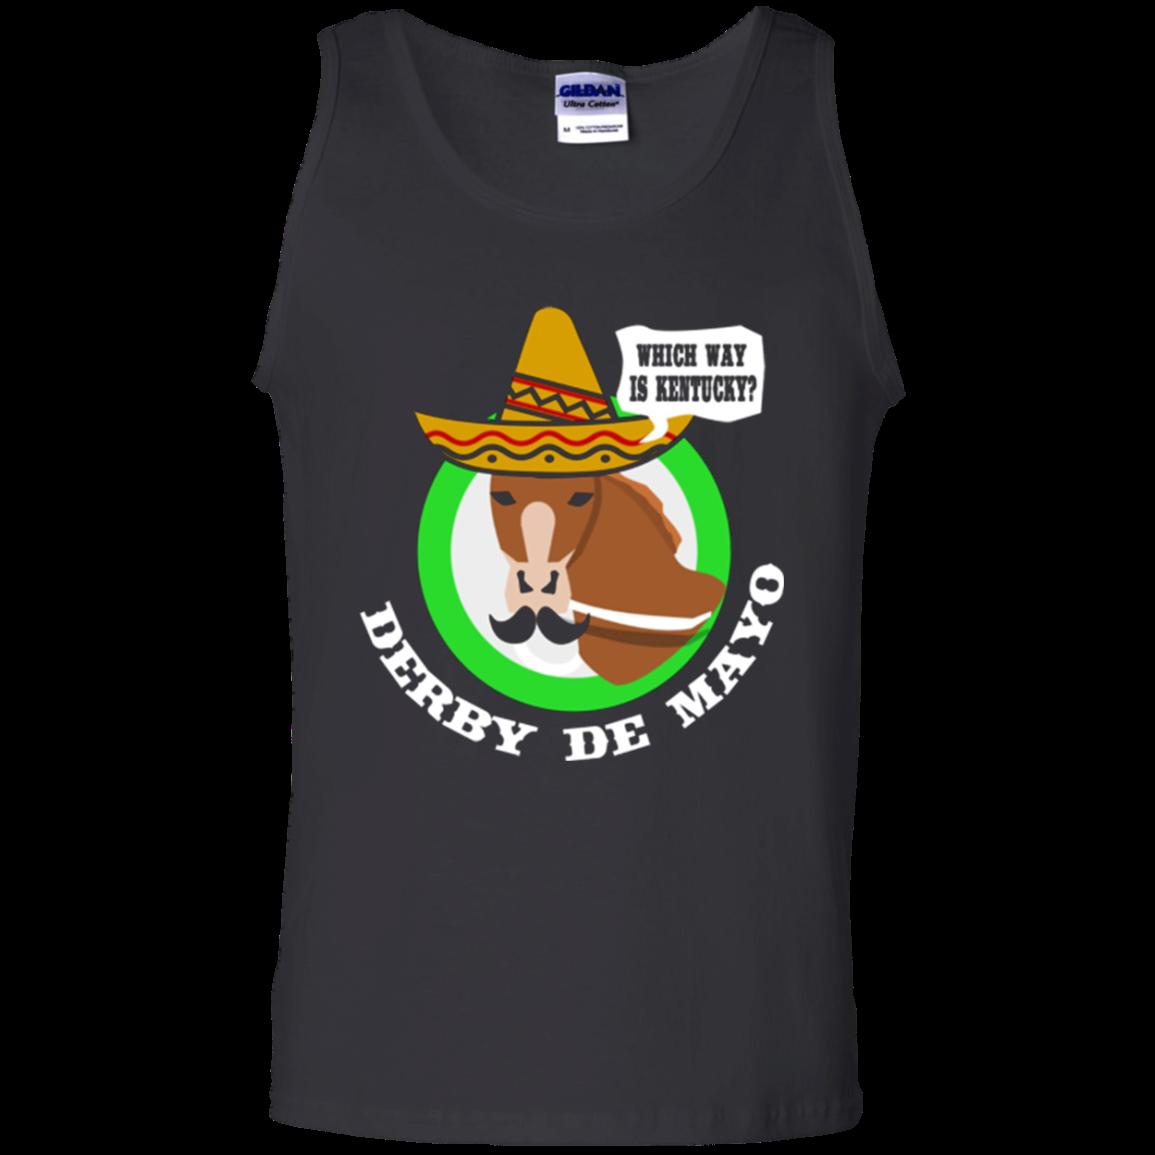 Derby De Mayo Kentucky Horse Race Sombrero Mexican shirt Cotton Tank Top Men